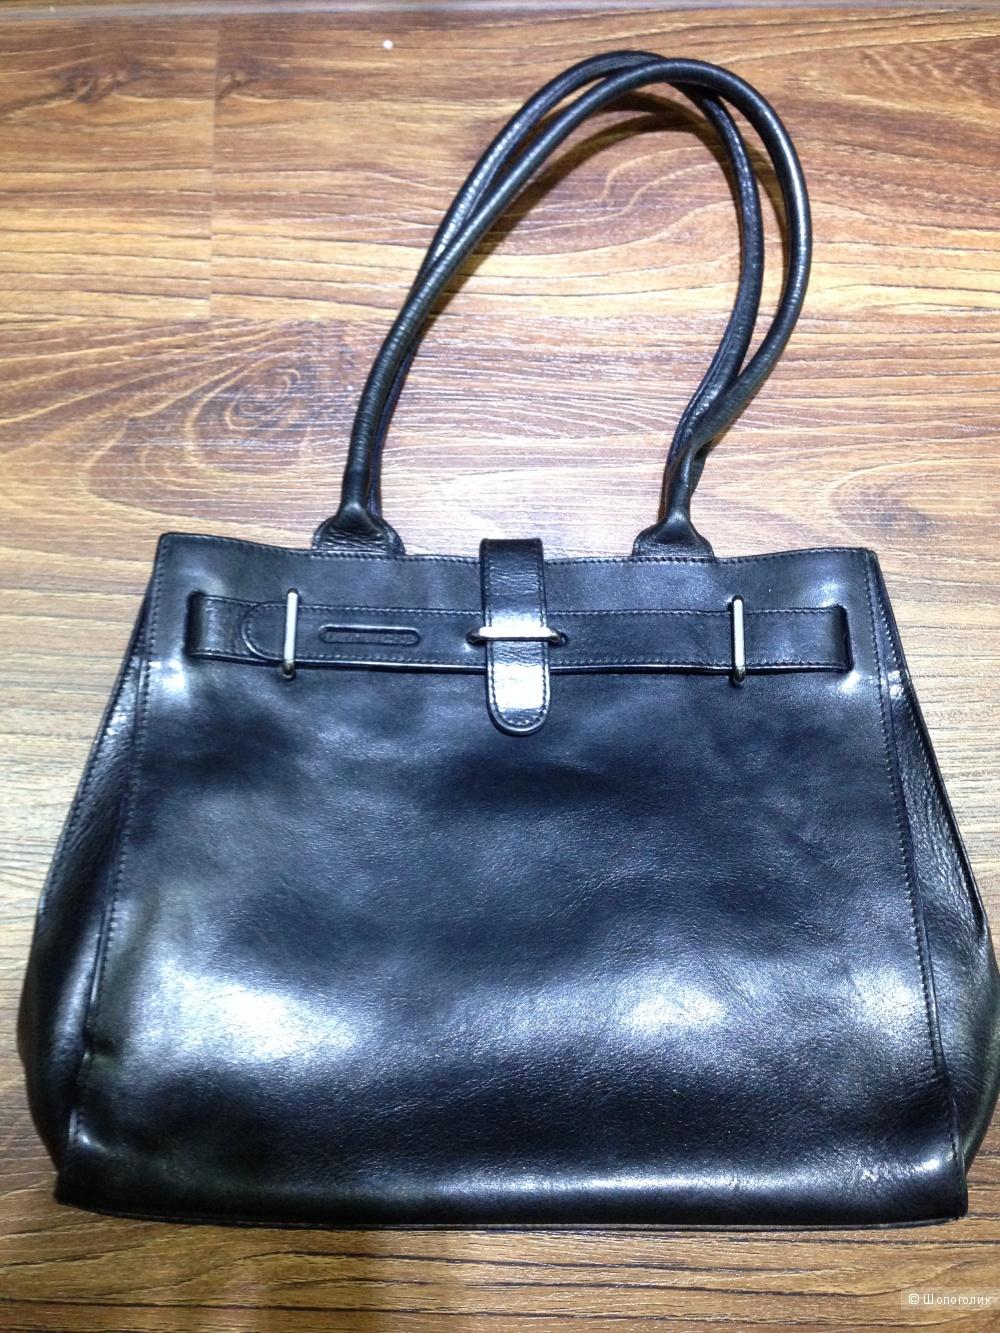 2e07e21c0ff2 FURLA брендовая сумка Оригинал, в магазине Другой магазин — на Шопоголик